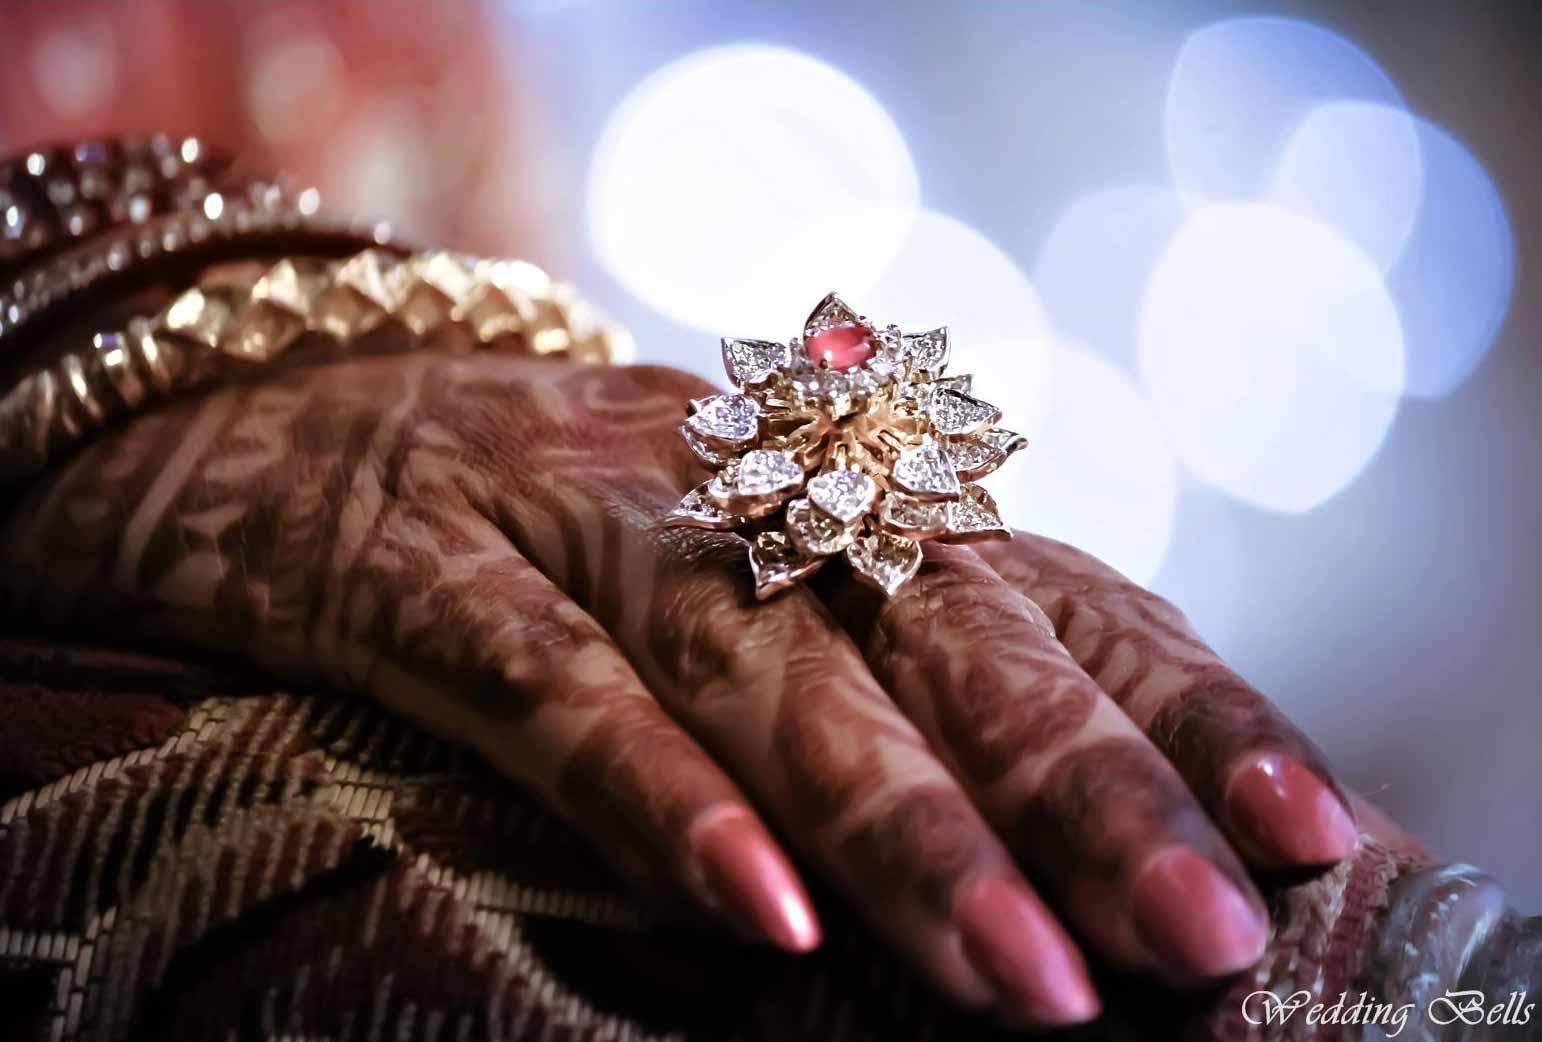 Image Courtesy: Wedding Bells Photography